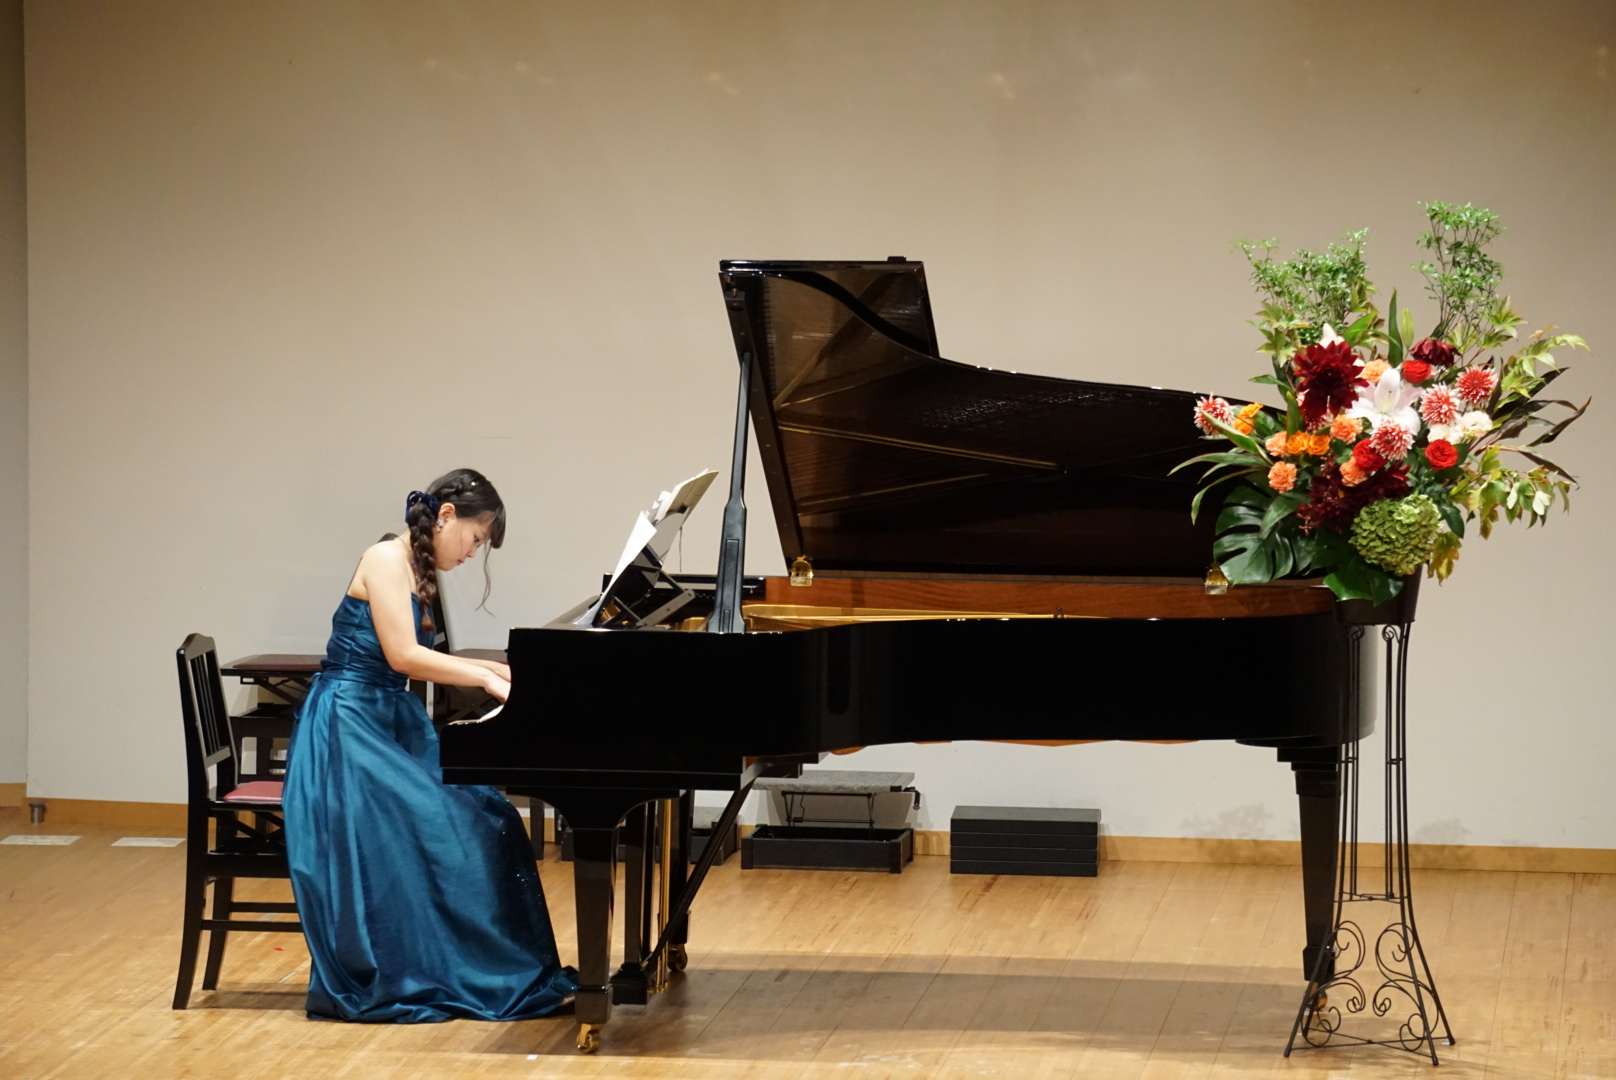 2018年10月27日 奏の会ピアノ発表会 大人のソロ演奏